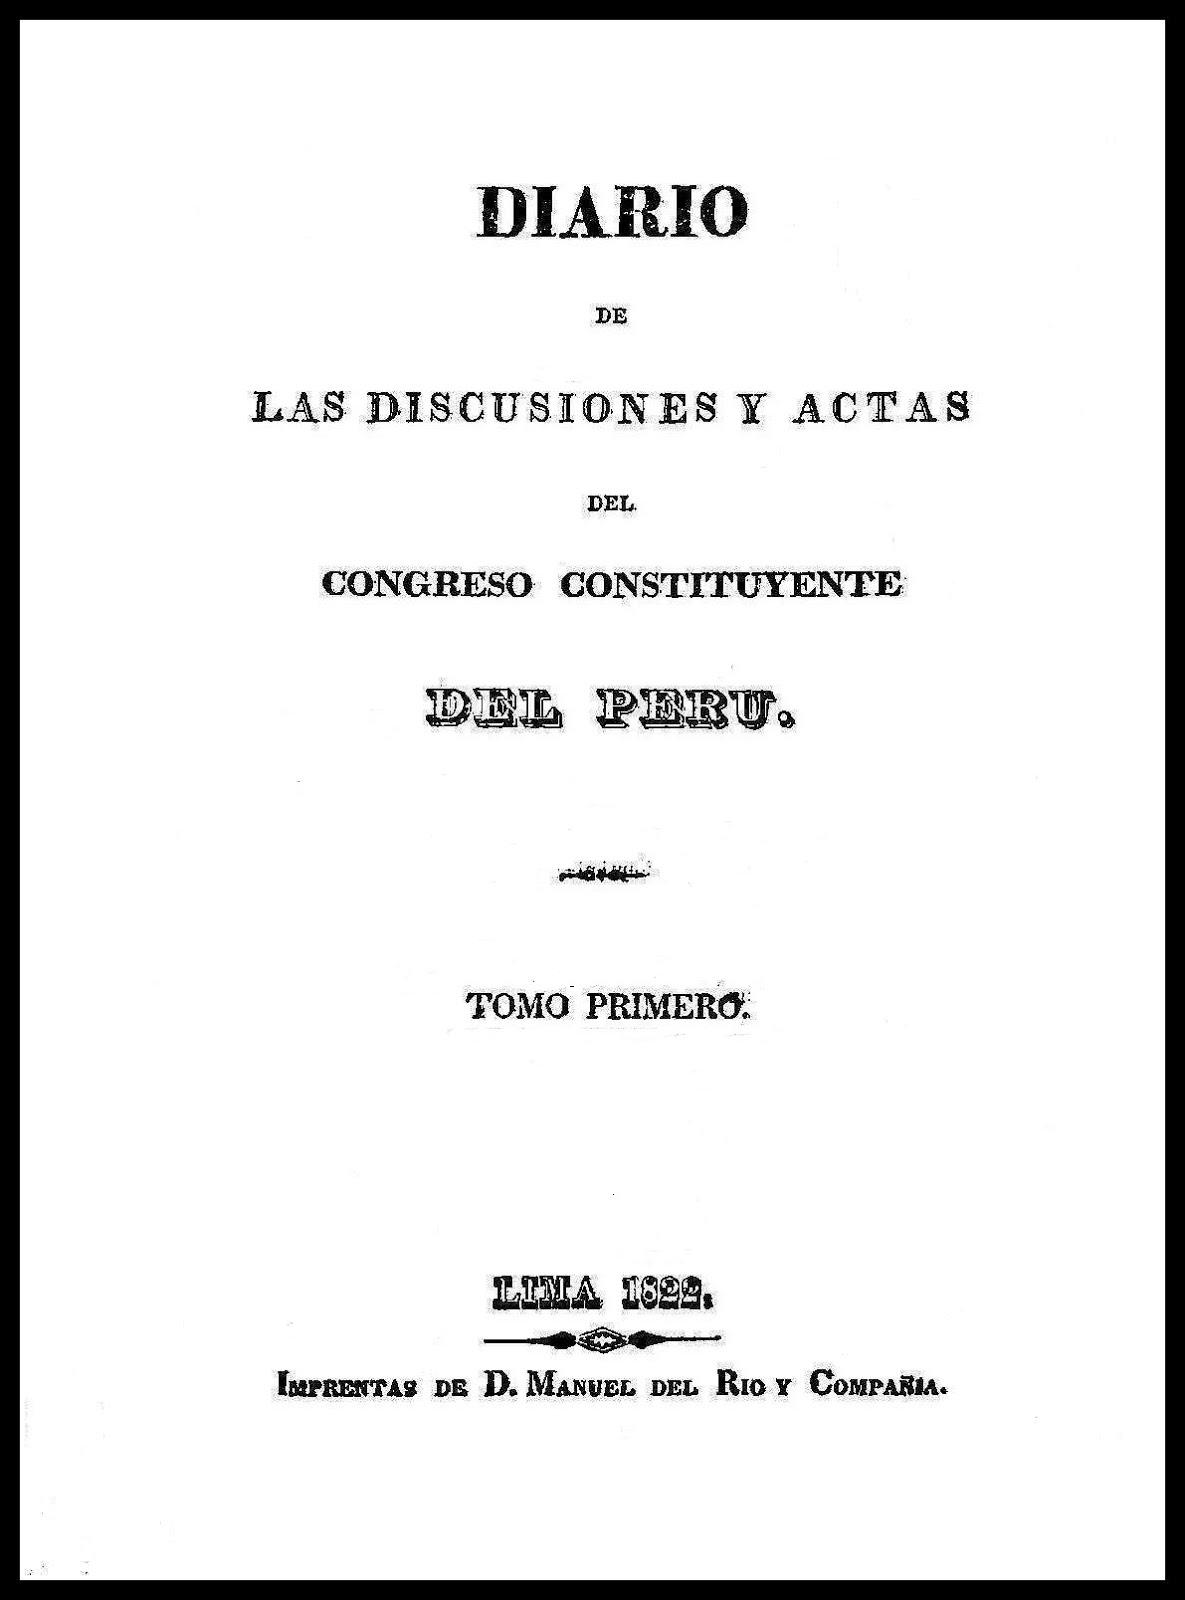 Diario de las Discusiones y Actas del Congreso Constituyente del Perú 1822